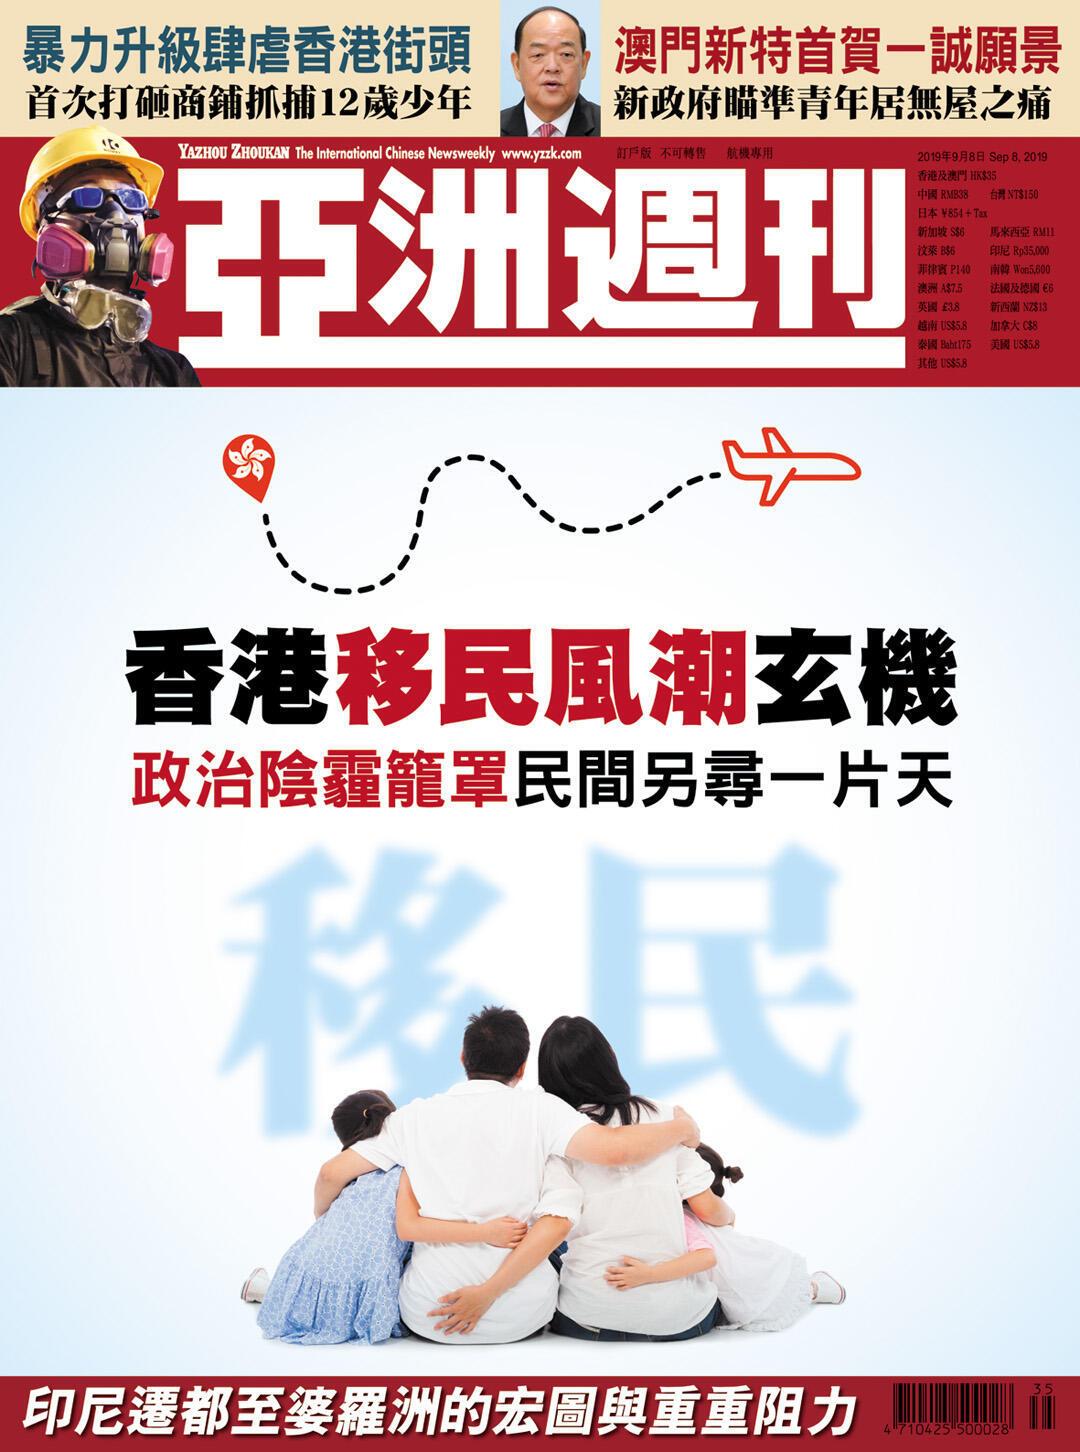 亚洲周刊本期封面图